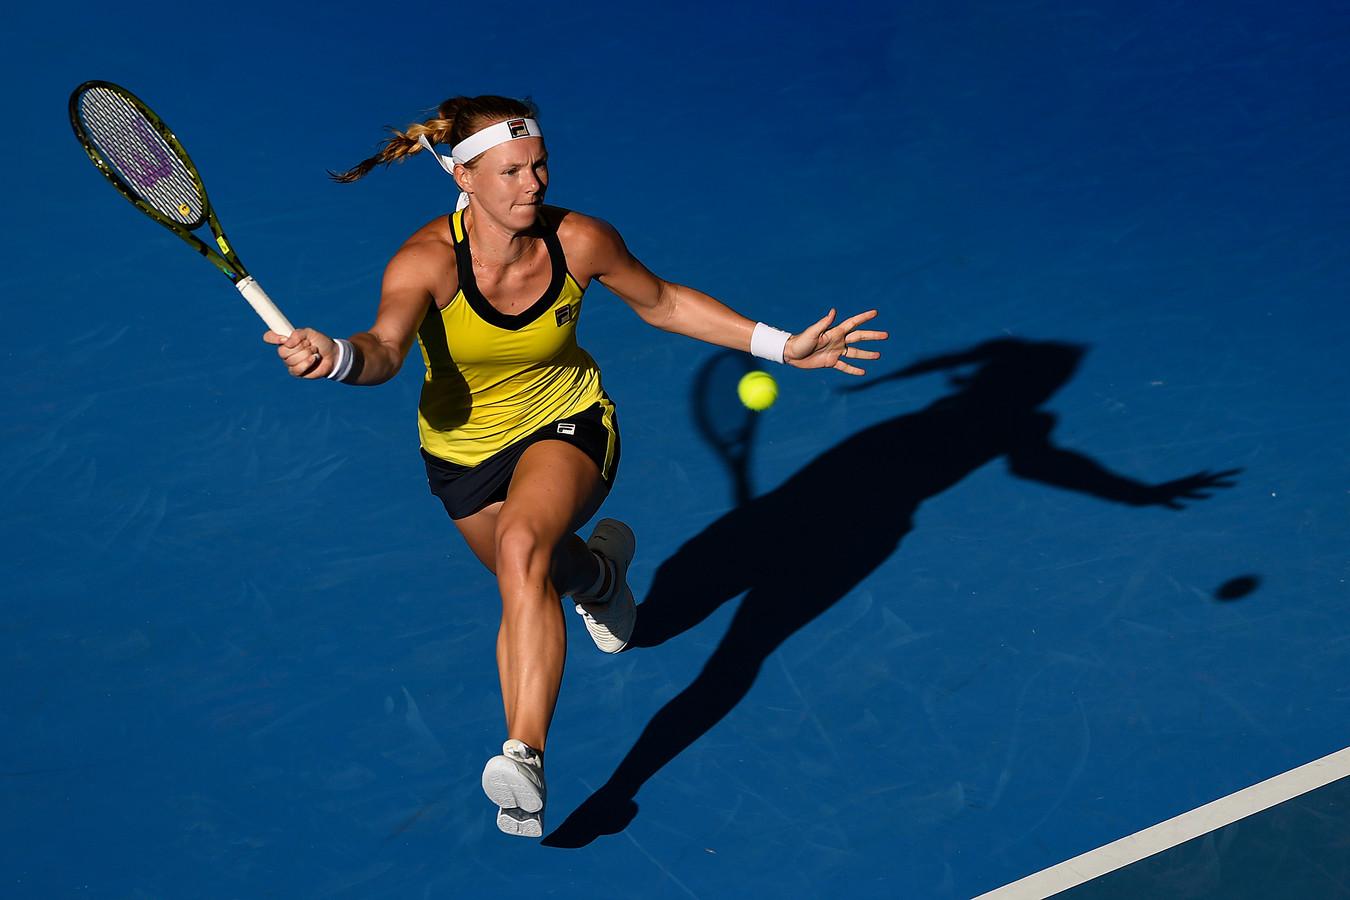 Kiki Bertens in actie in Brisbane twee weken geleden, één van de opwarmtoernooien voor de Australian Open.